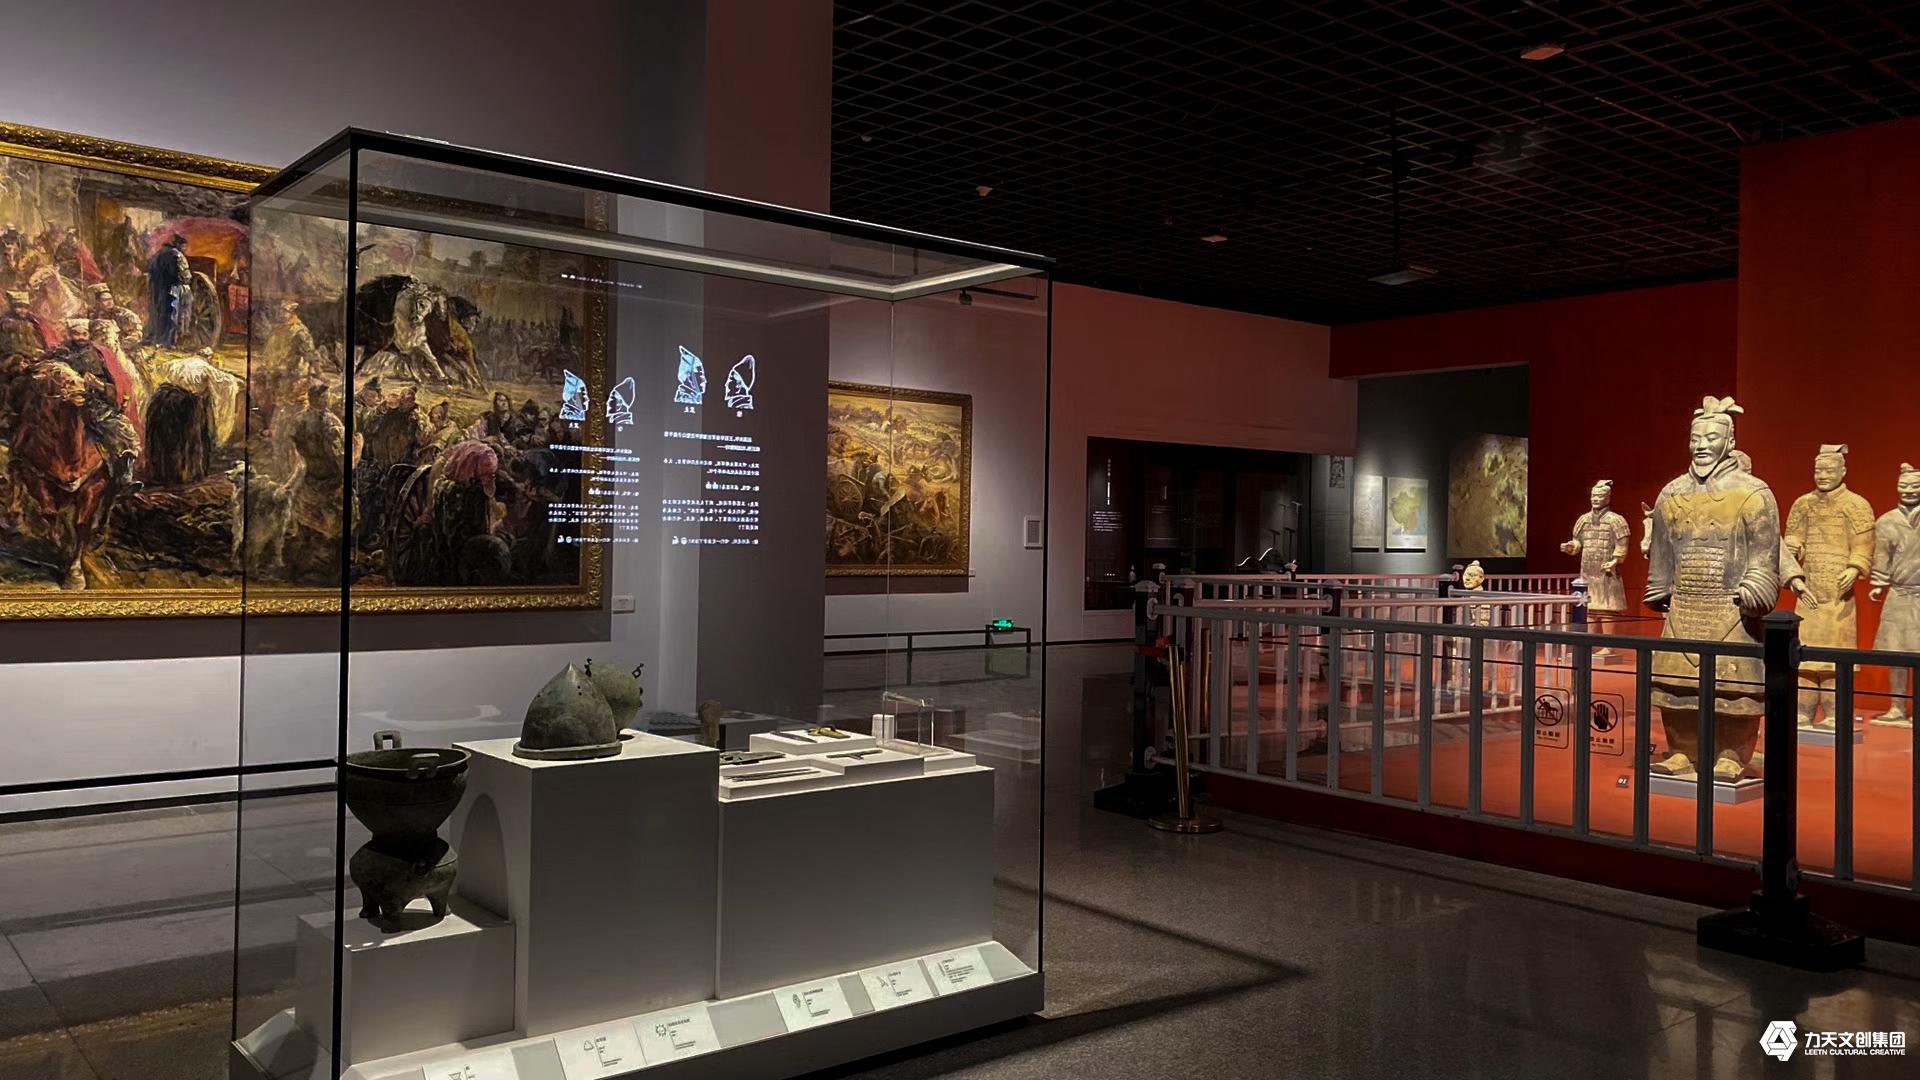 秦始皇帝陵博物院 西甲设计下载施工 大型赞助商 兵马俑 秦ballbet